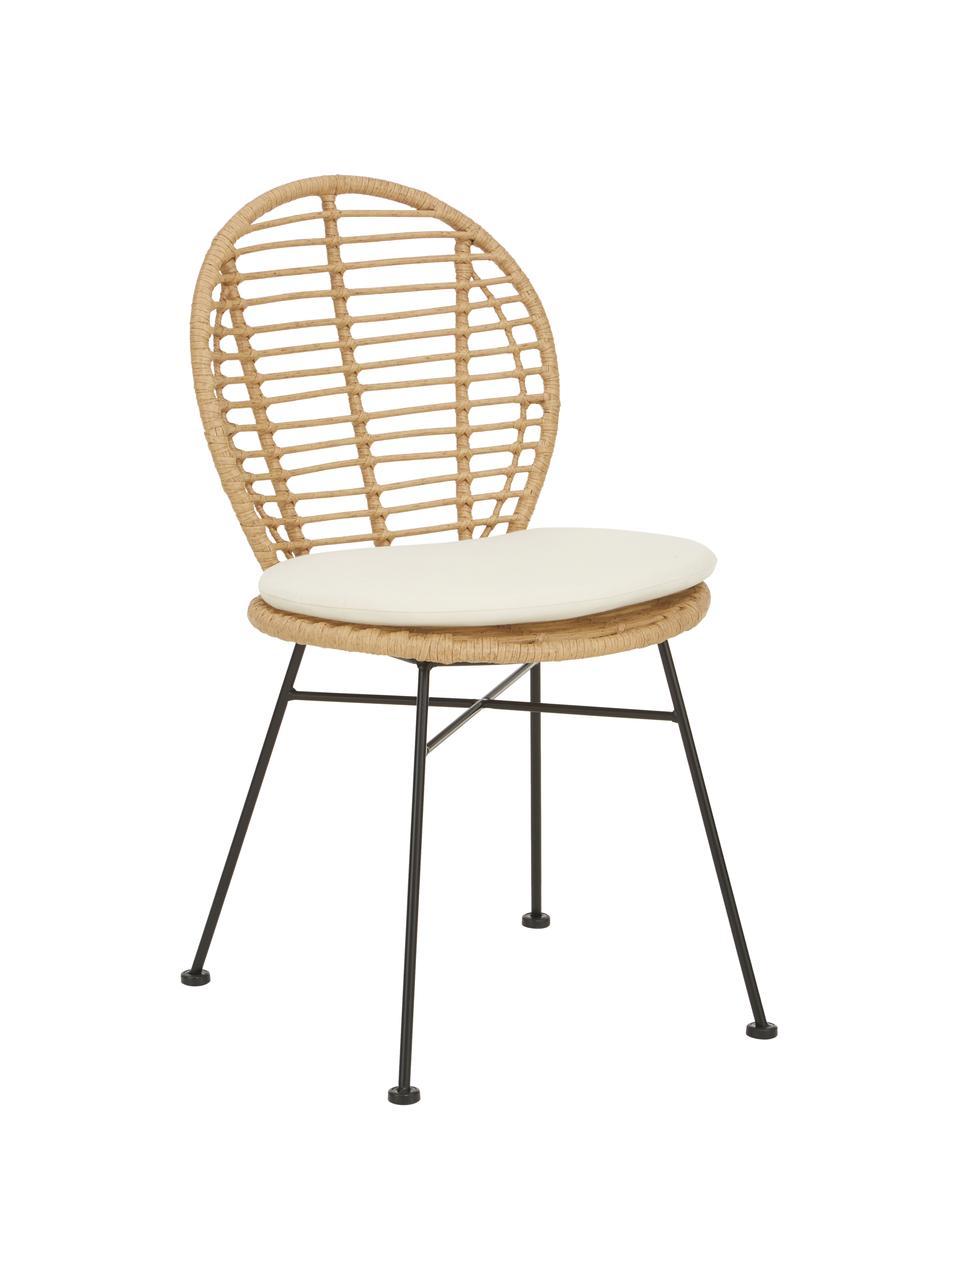 Polyrattan-Stühle Cordula mit Sitzkissen, 2 Stück, Sitzfläche: Polyethylen-Geflecht, Gestell: Metall, pulverbeschichtet, Sitzkissen: 100% Polyester, Braun, B 48 x T 57 cm